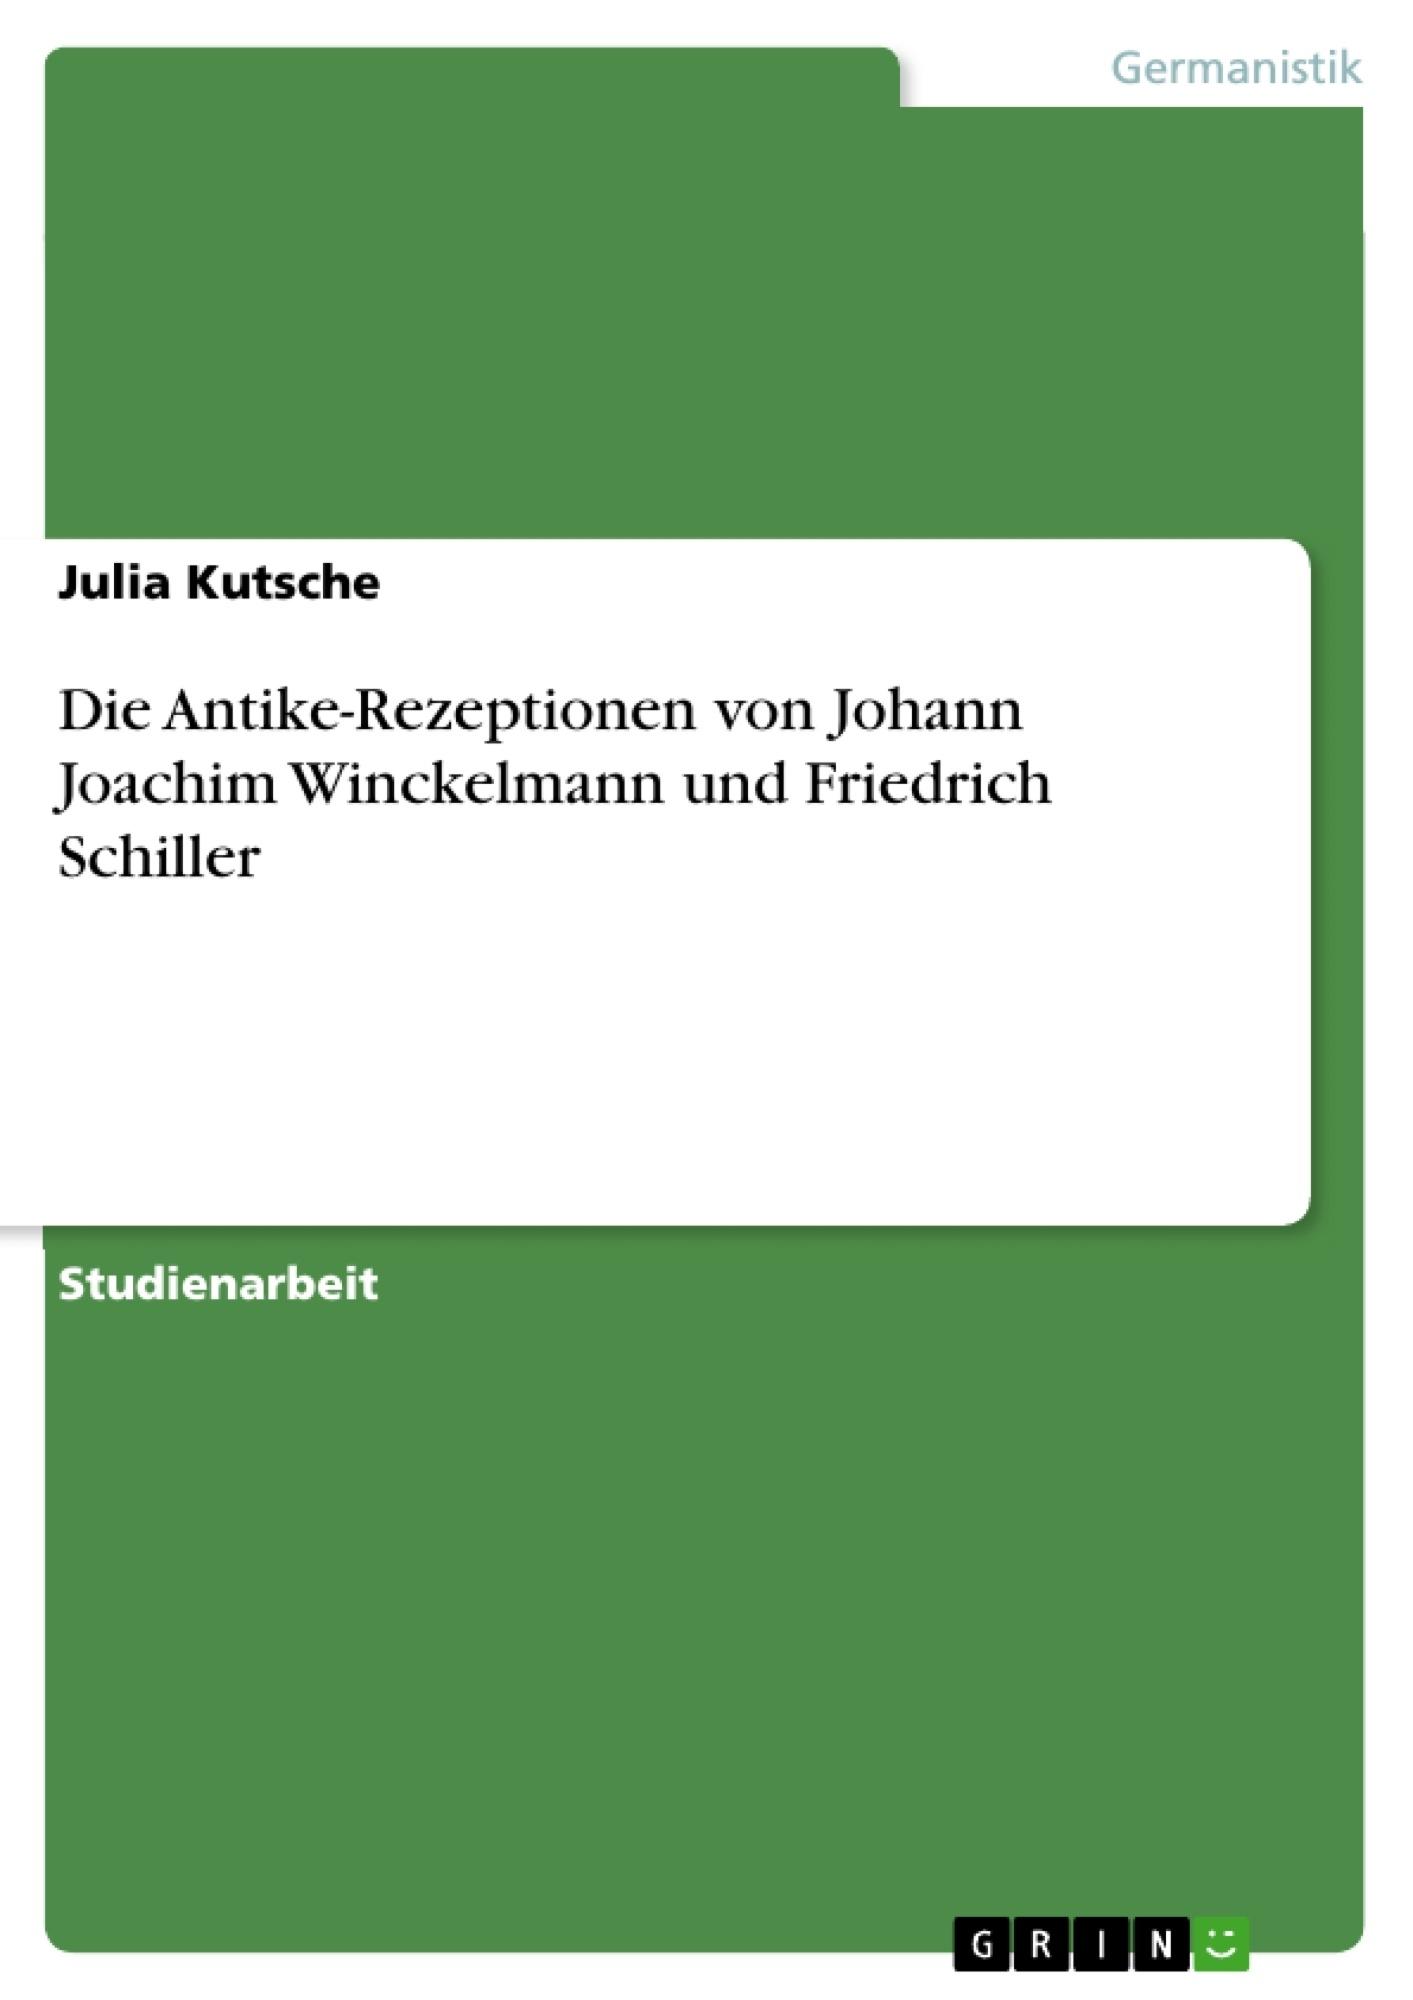 Titel: Die Antike-Rezeptionen von Johann Joachim Winckelmann und Friedrich Schiller